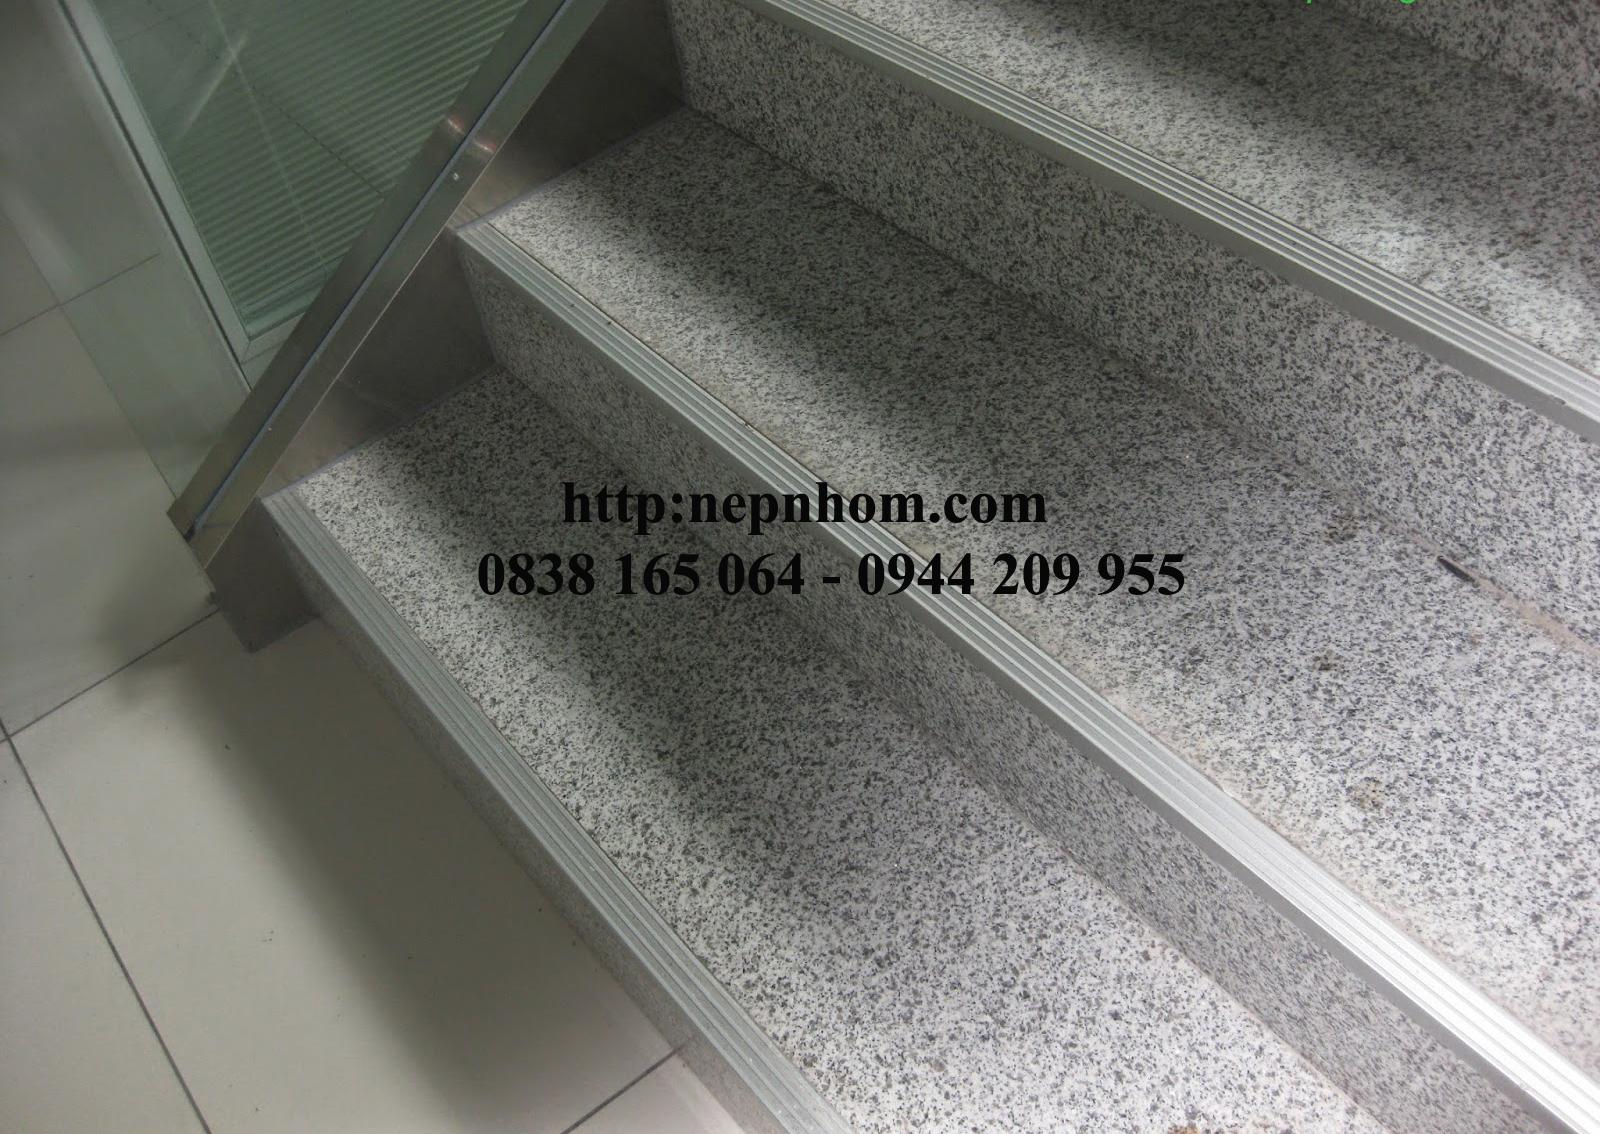 Nẹp chống trượt cầu thang với ưu và nhược điểm